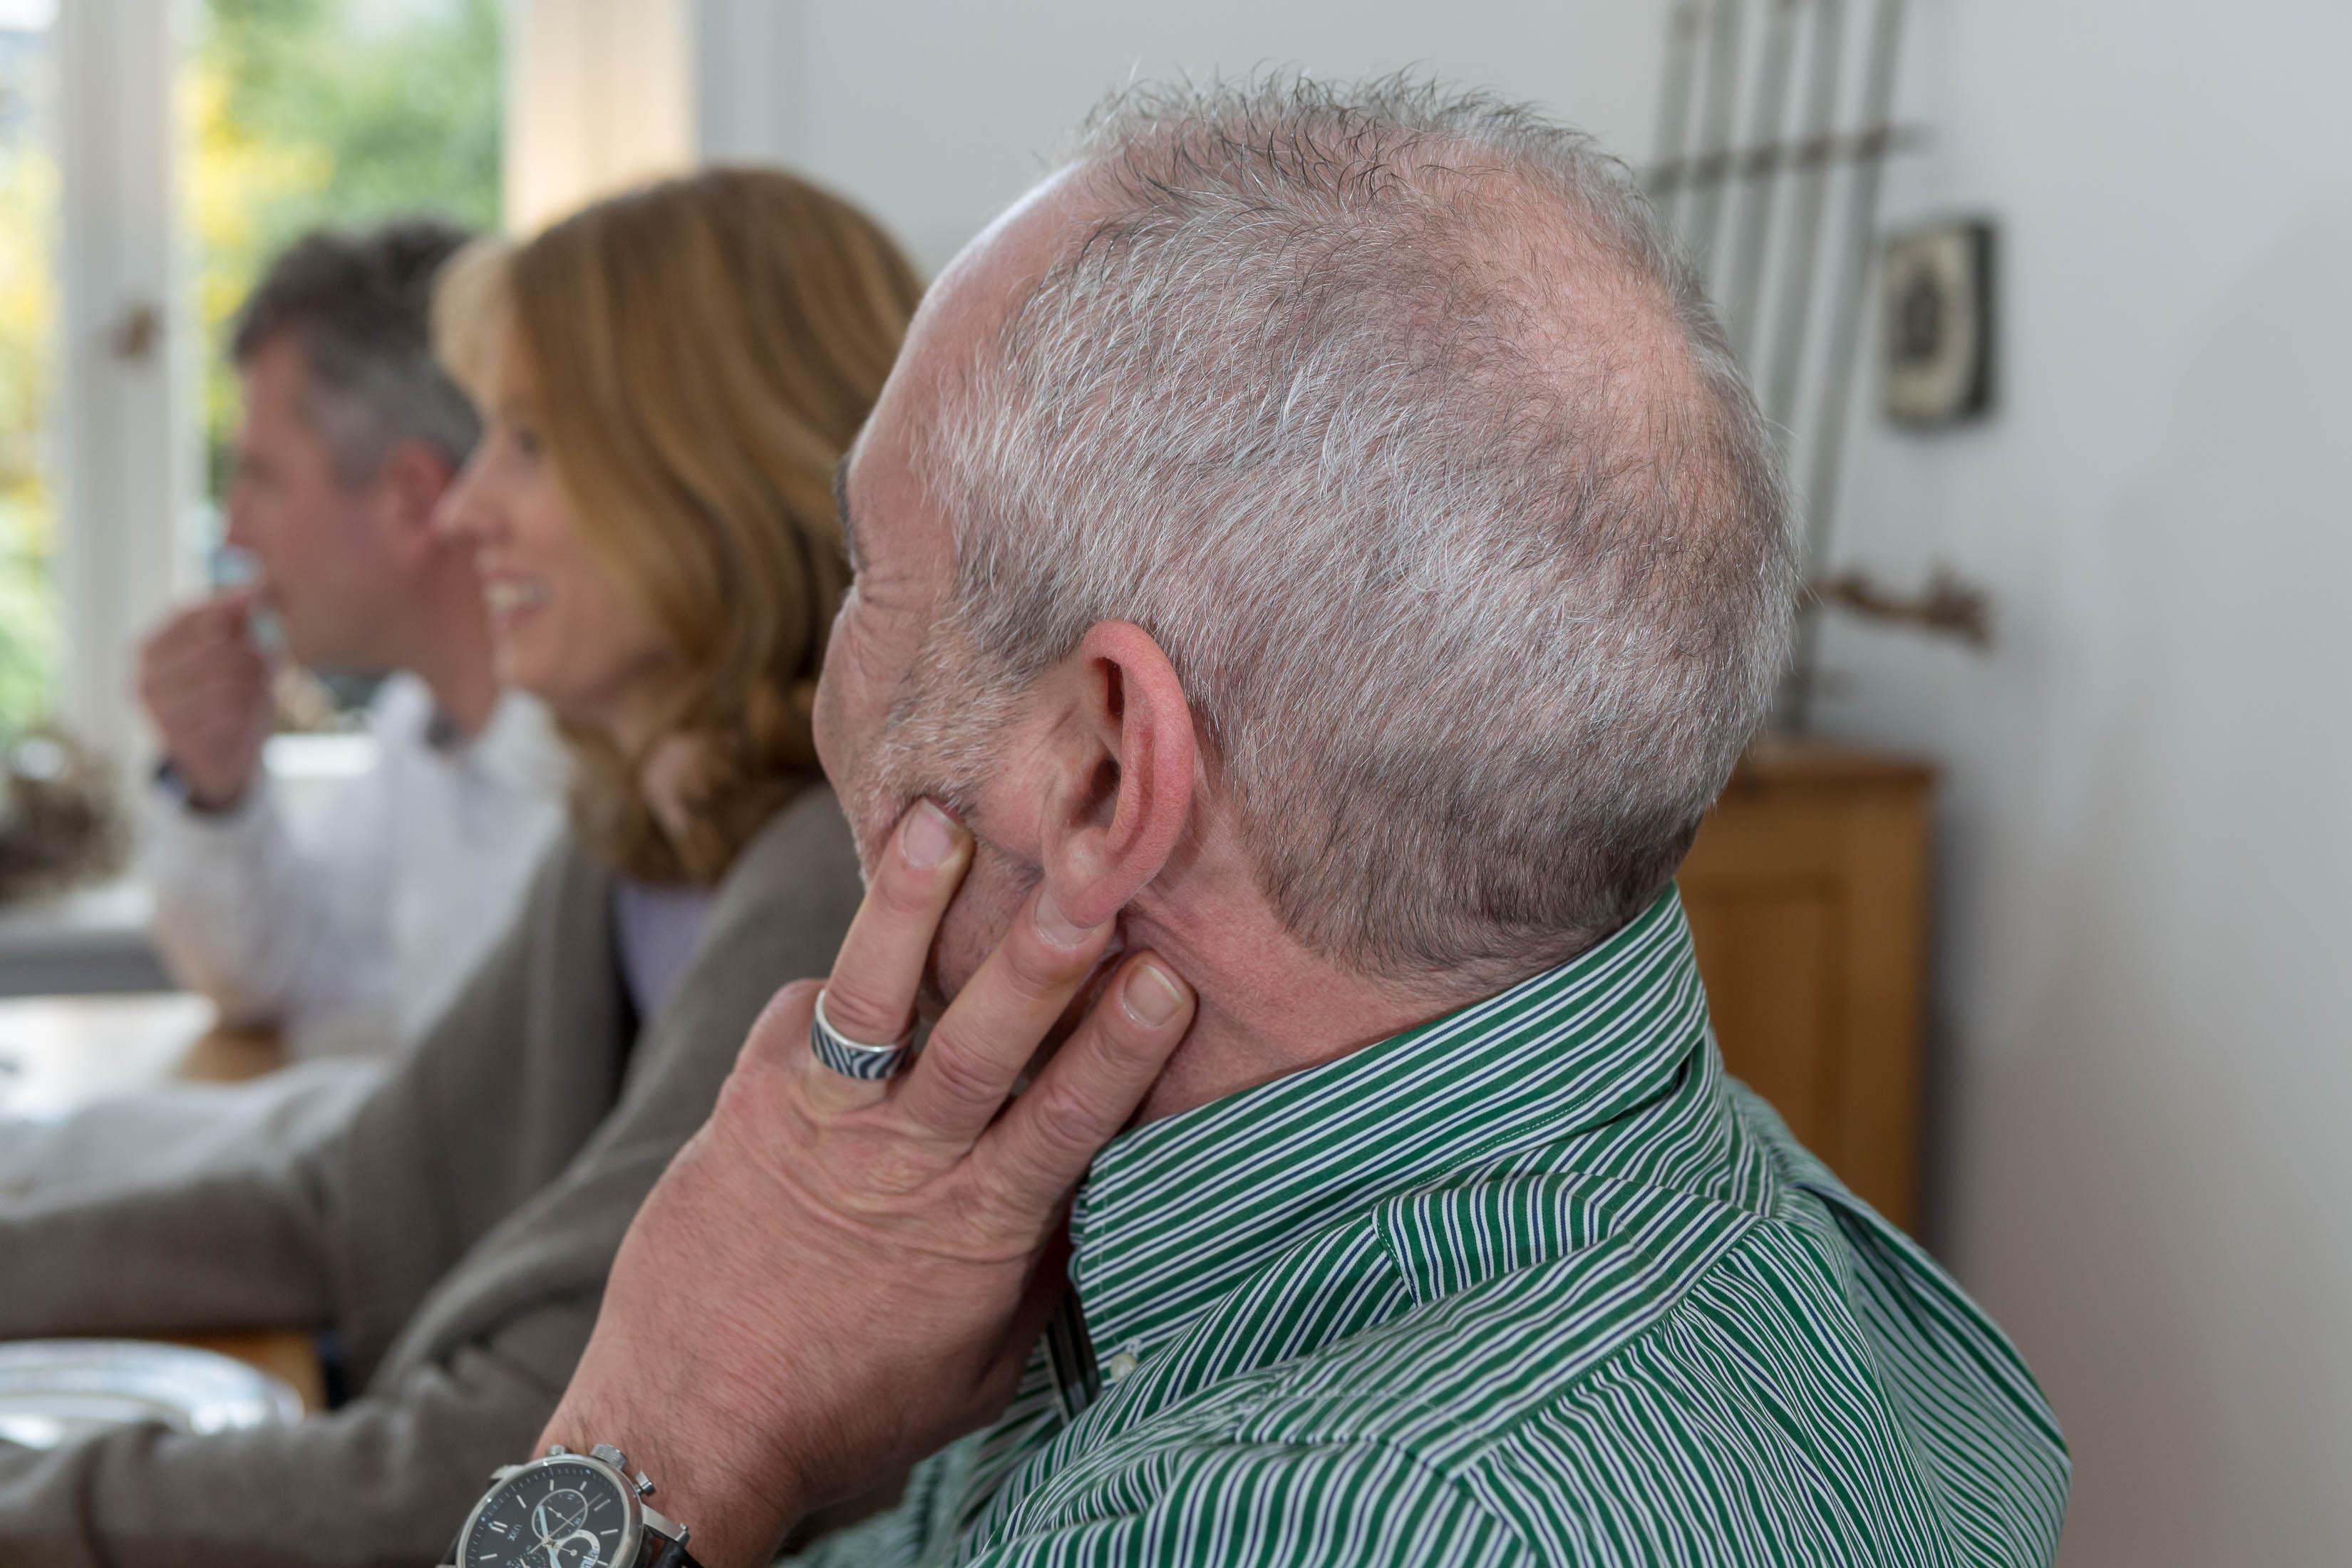 Rund um die Uhr im Einsatz  wie das Hören den Alltag bestimmt und bereichert